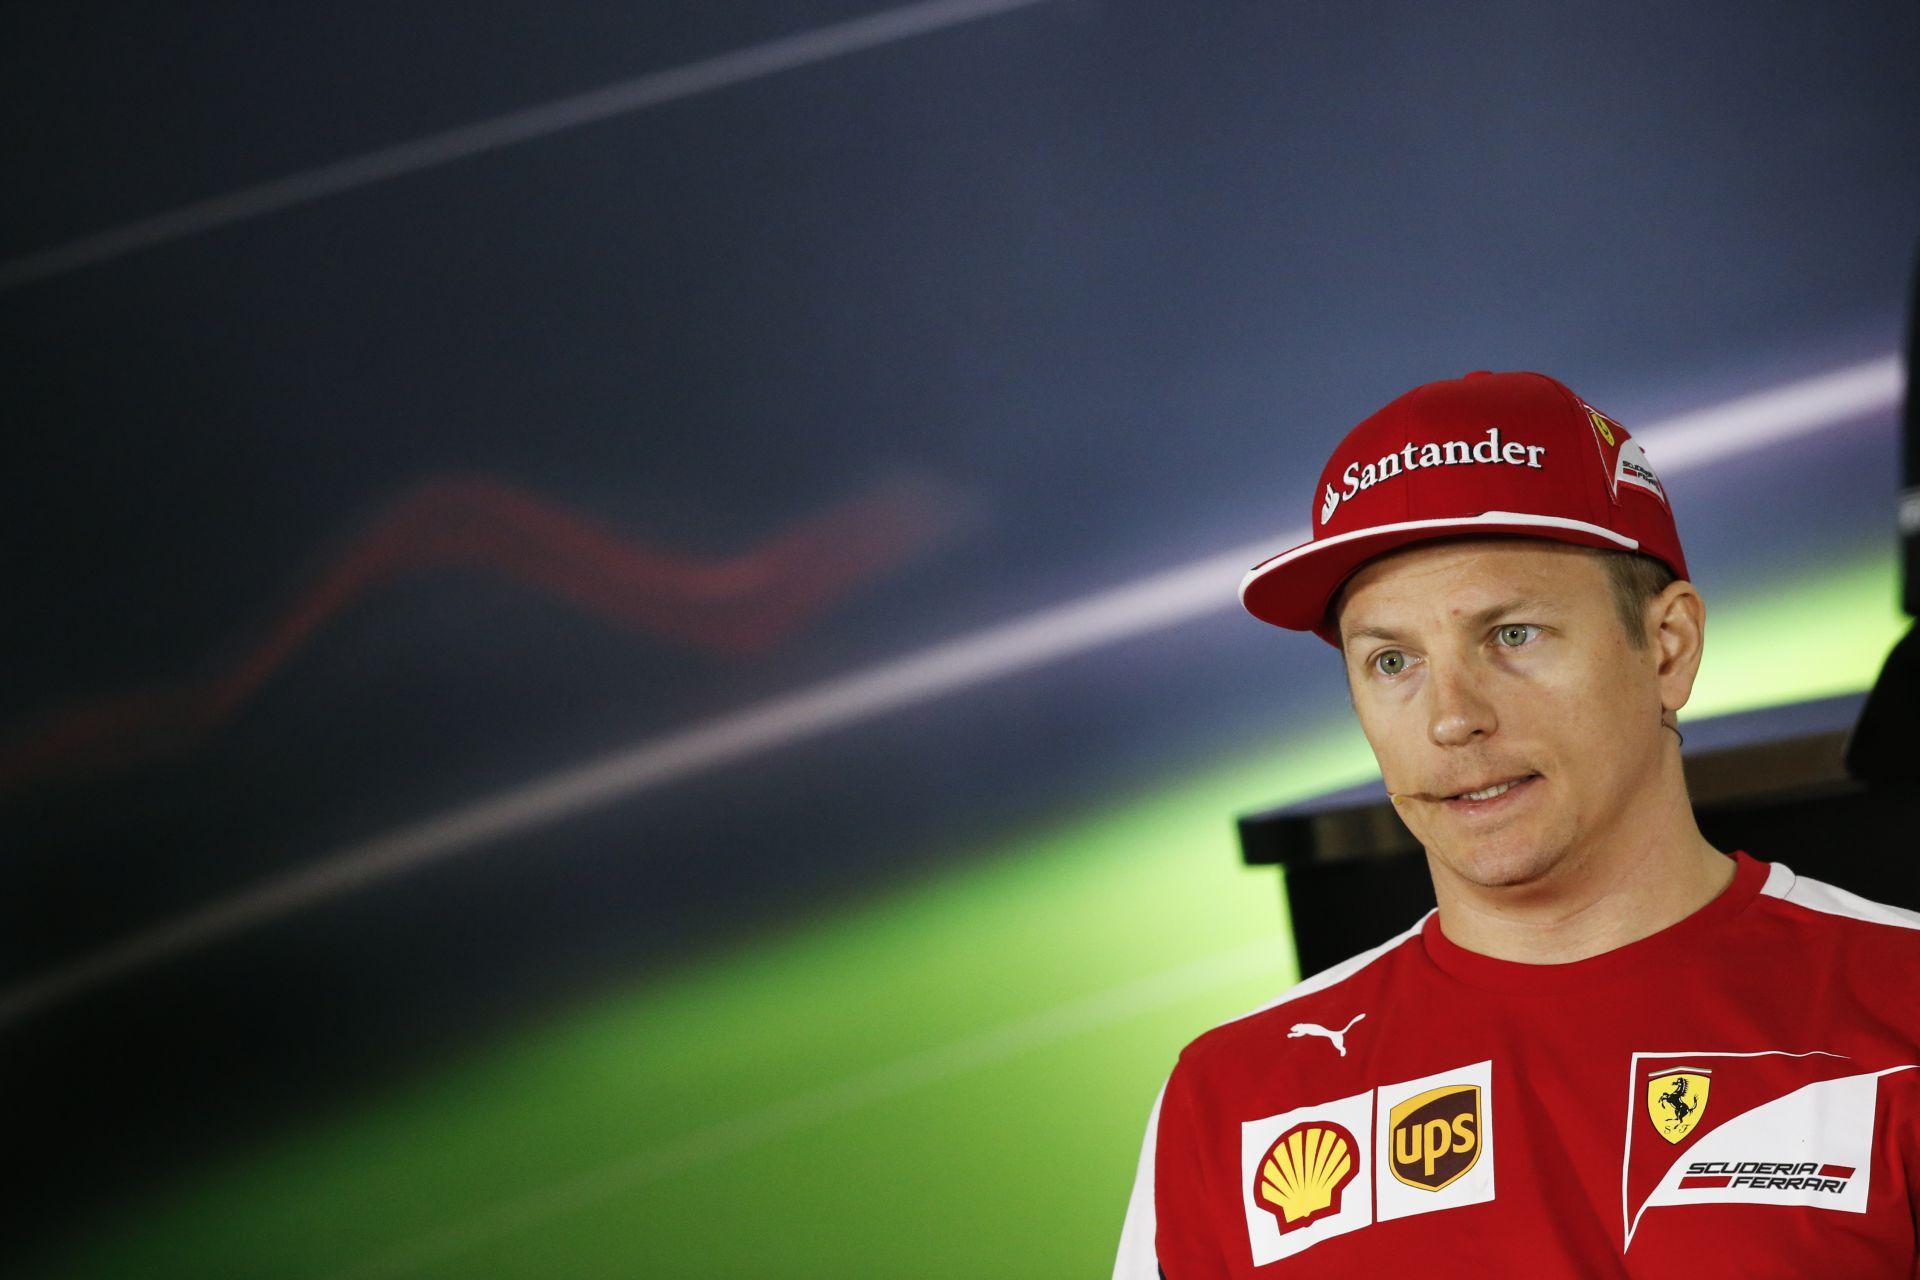 """Piero Ferrari: """"Ha egy jó autó van Kimi alatt, akkor gyors!"""""""